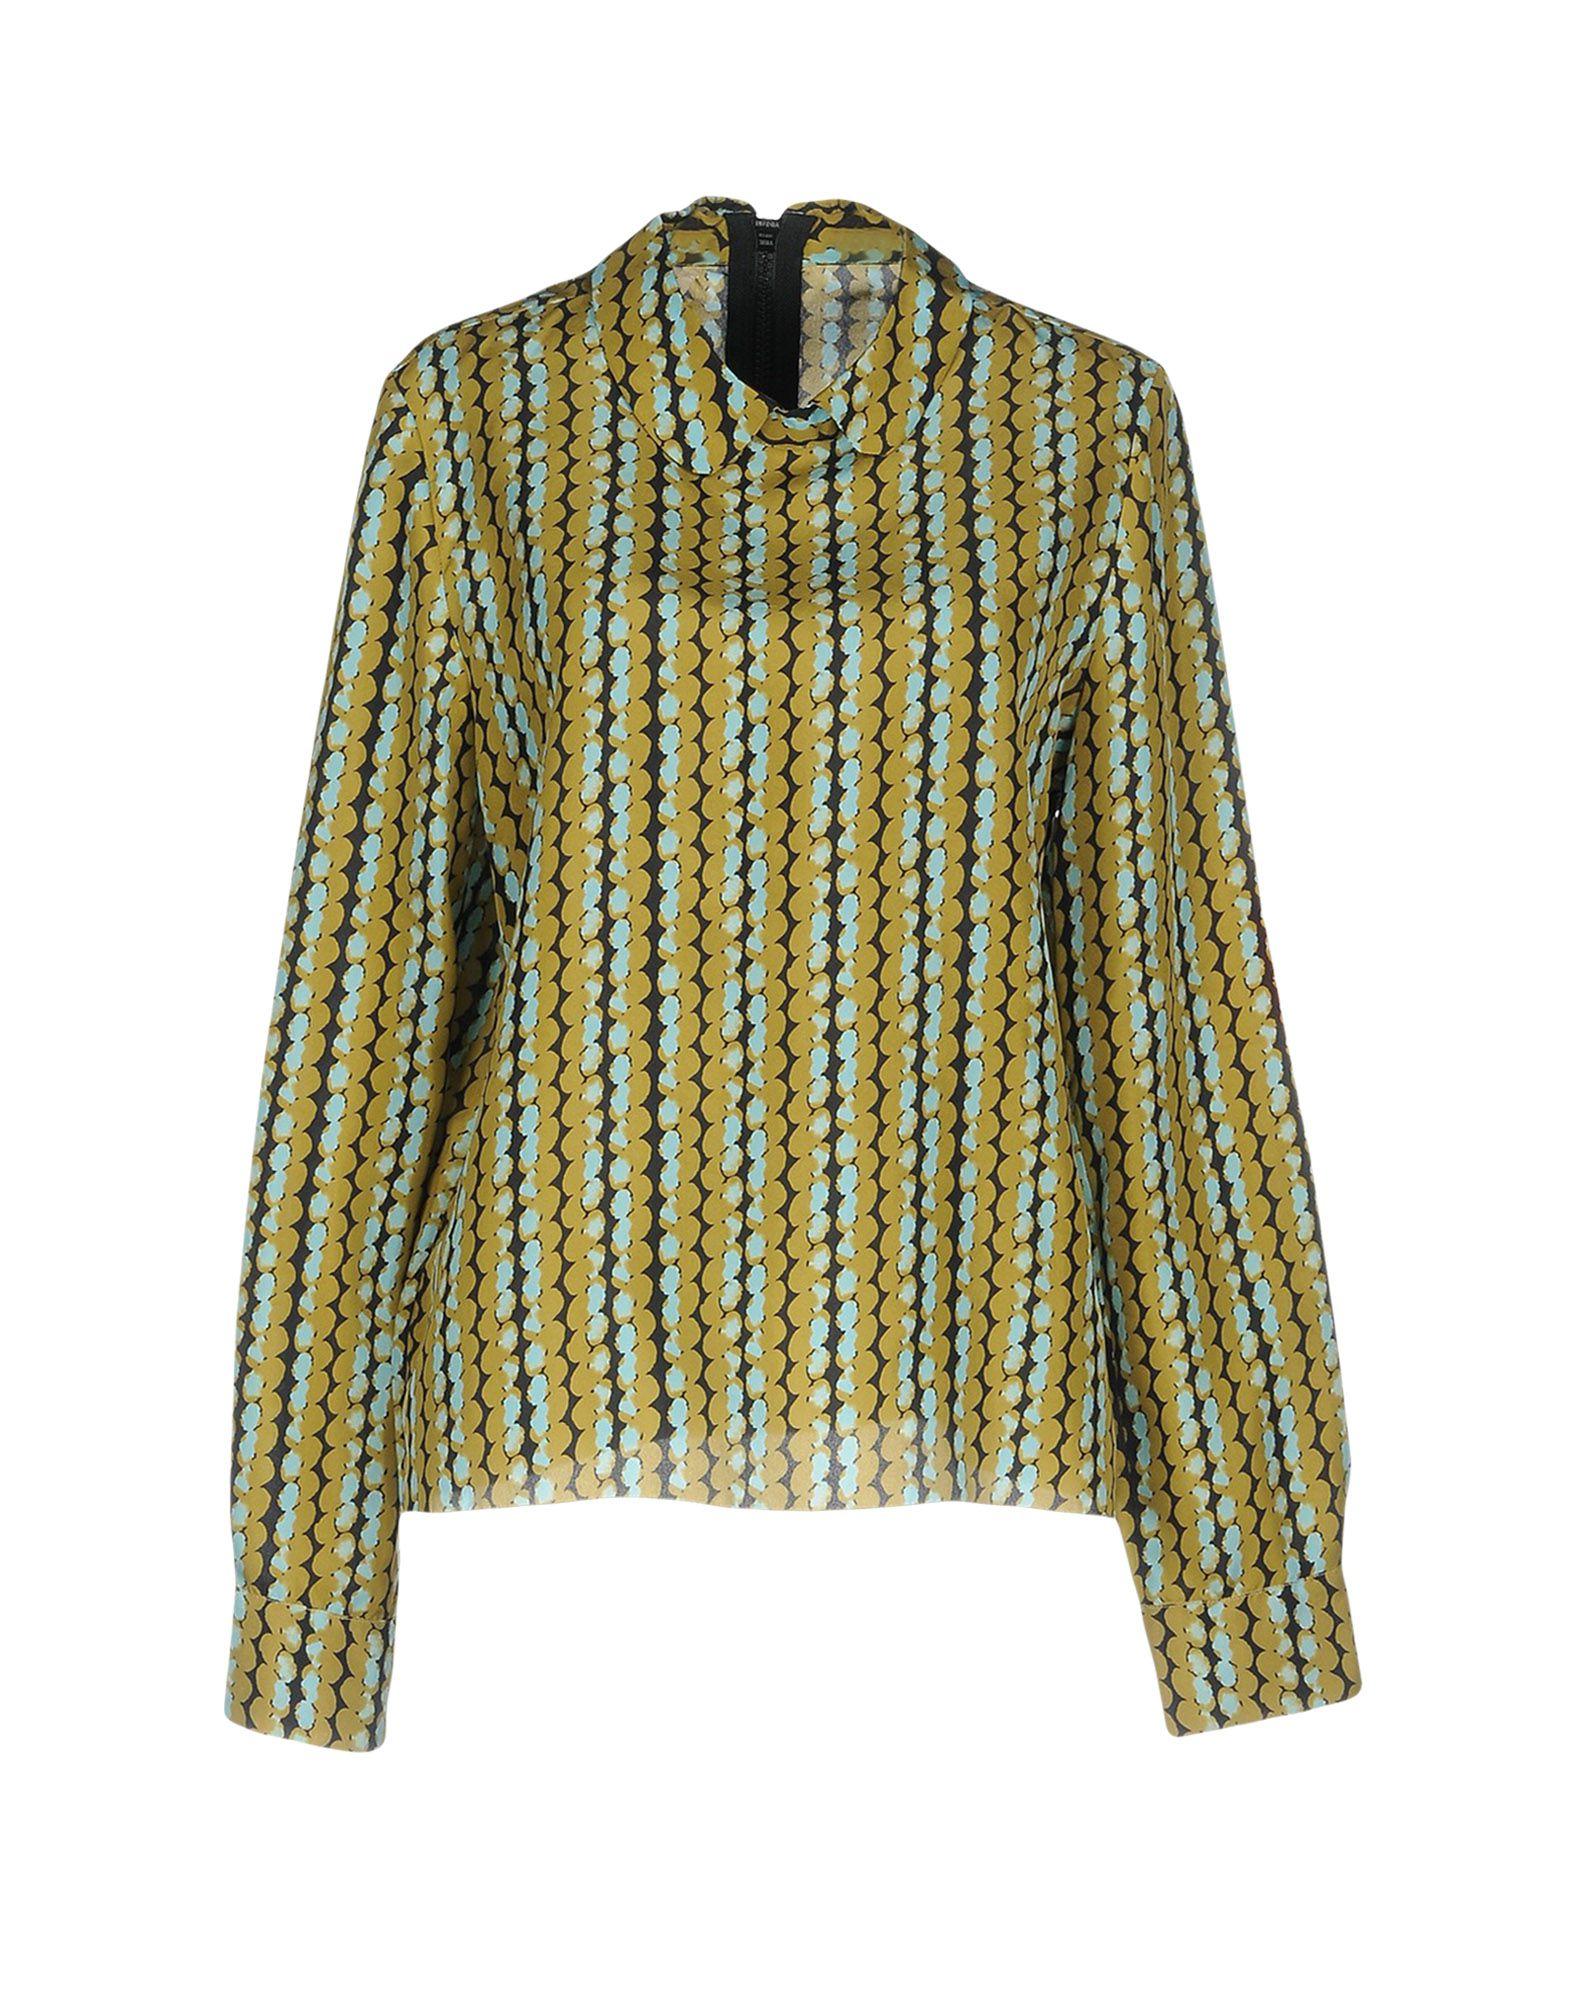 Camicie E Bluse Fantasia Marni Donna - Acquista online su Ydydfp9ok